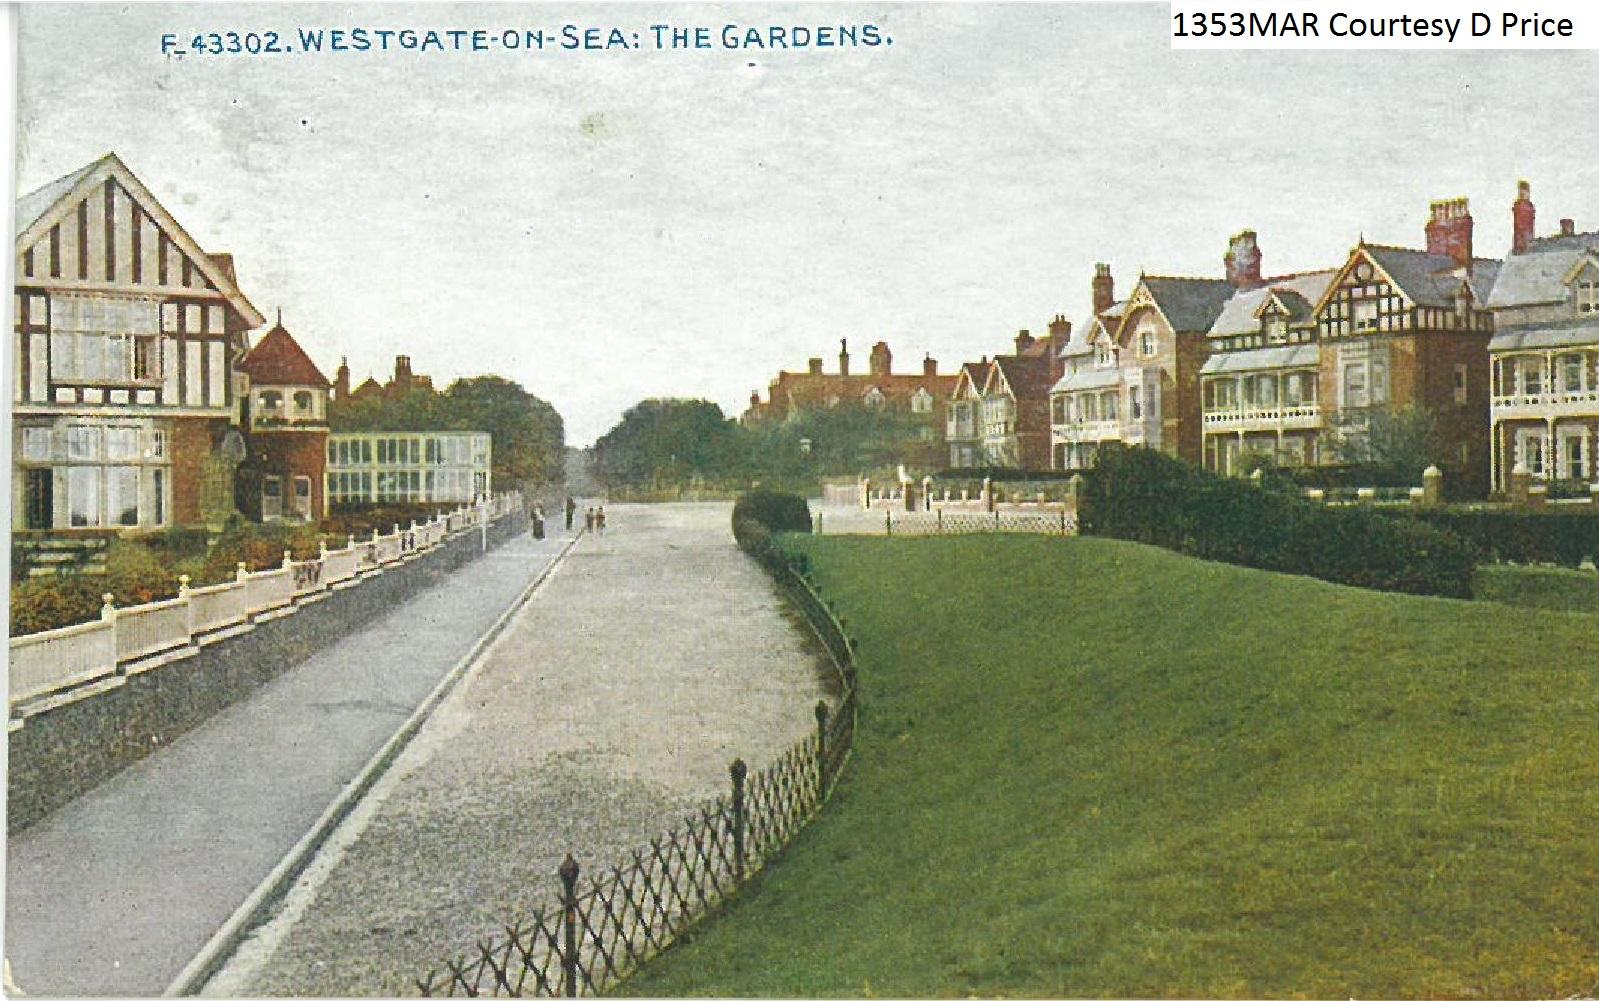 The Gardens, Westgate